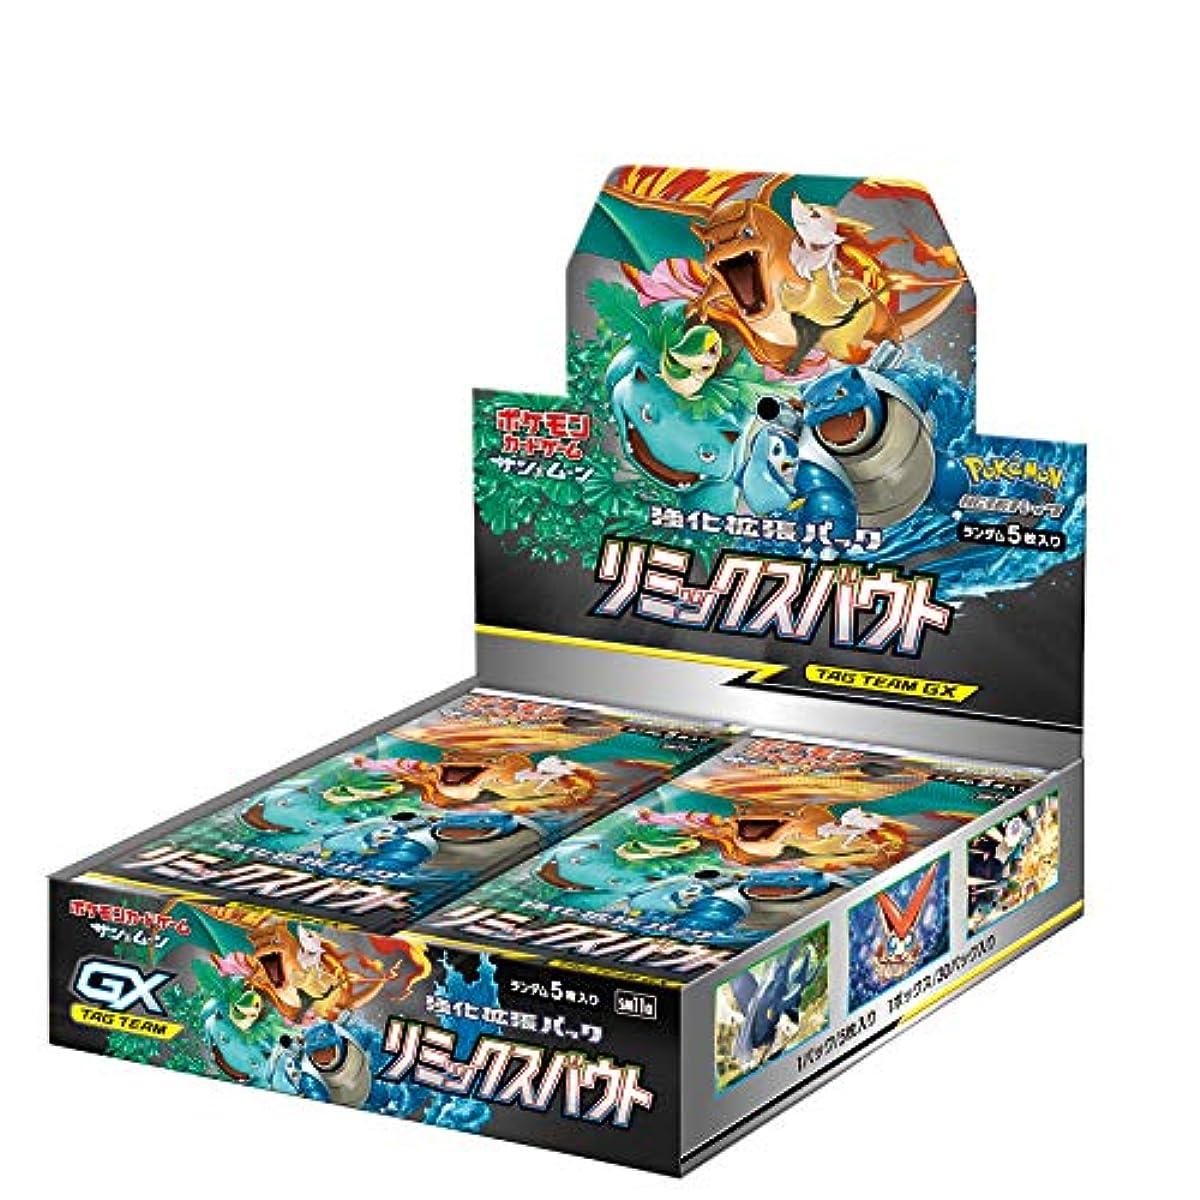 [해외] 포켓몬 카드 게임 산&문 강화 확장 팩「리믹스 BOW도」